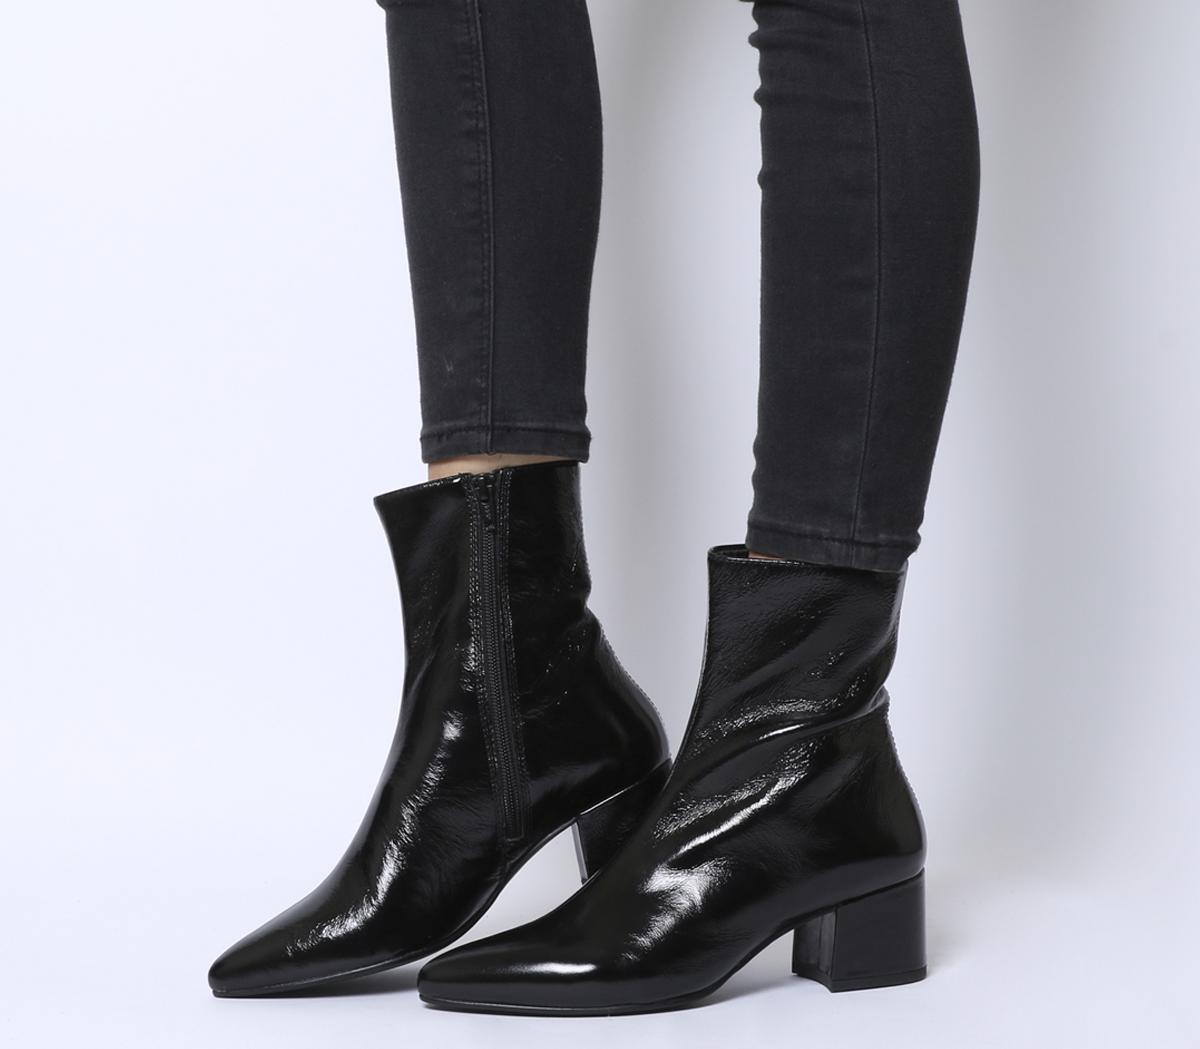 Vagabond Mya Mid Ankle Boots Black